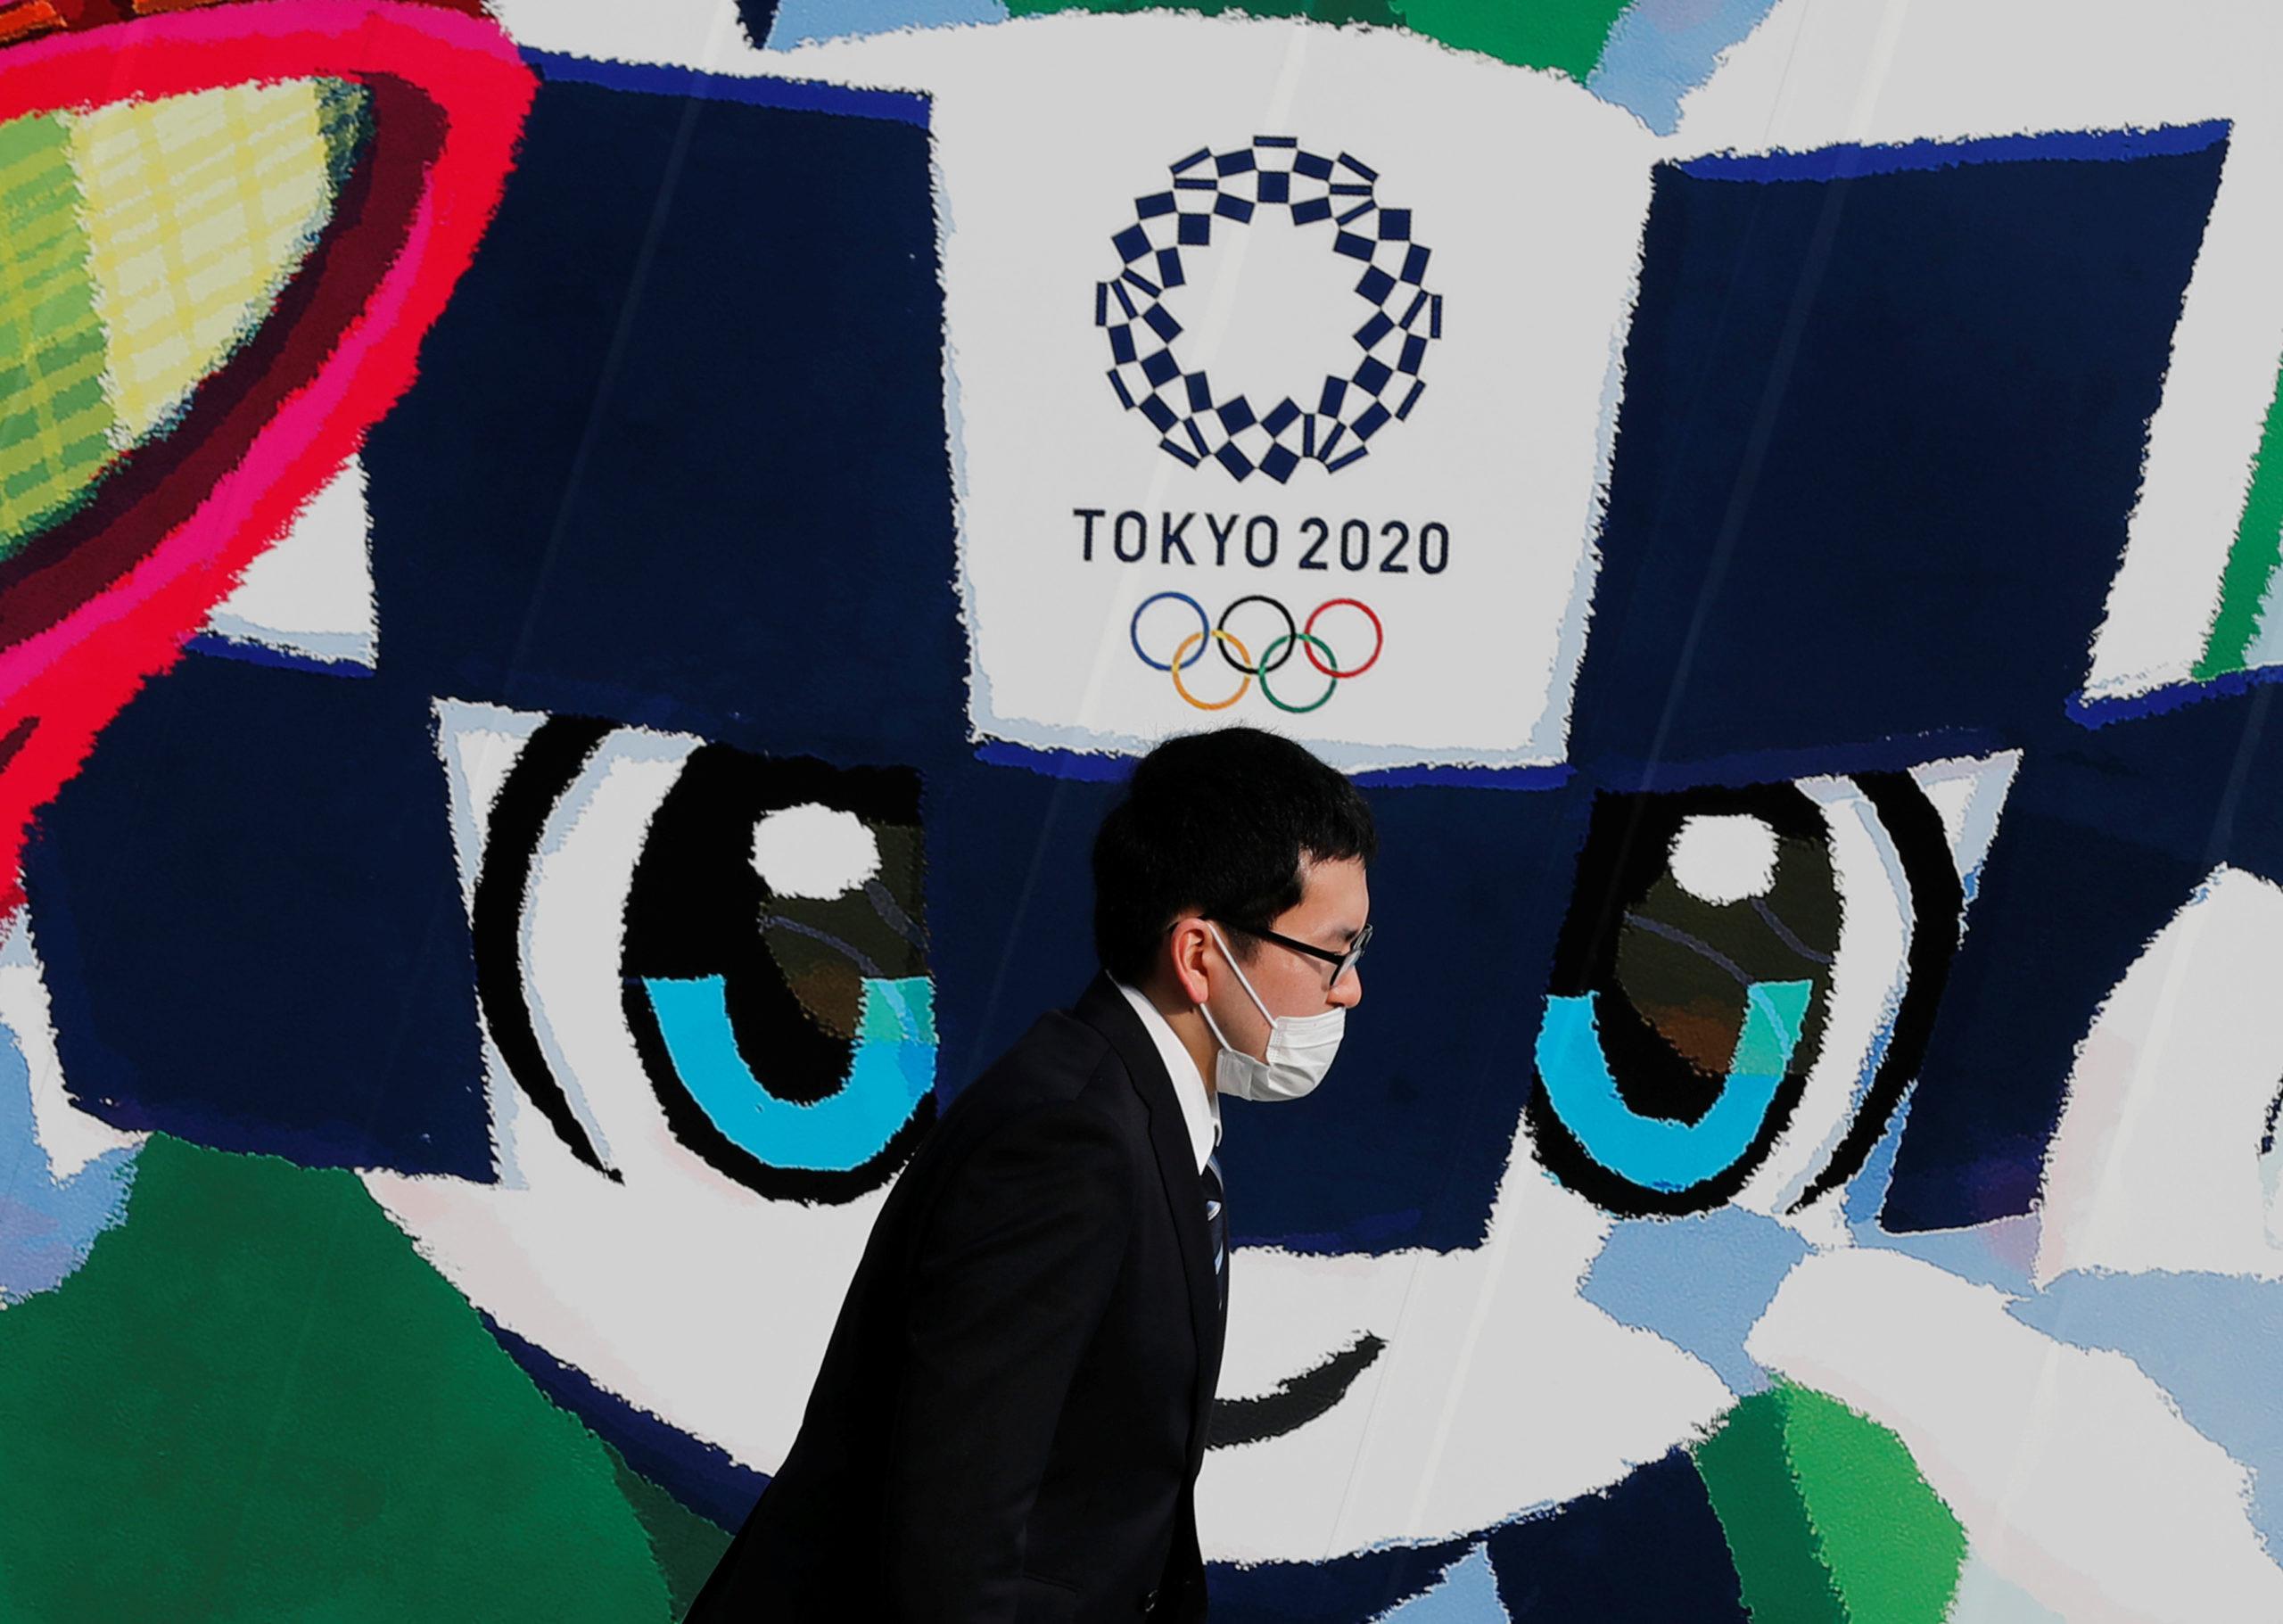 JAPON: DÉCISION SUR LA TENUE DES JEUX OLYMPIQUES AU PRINTEMPS PROCHAIN